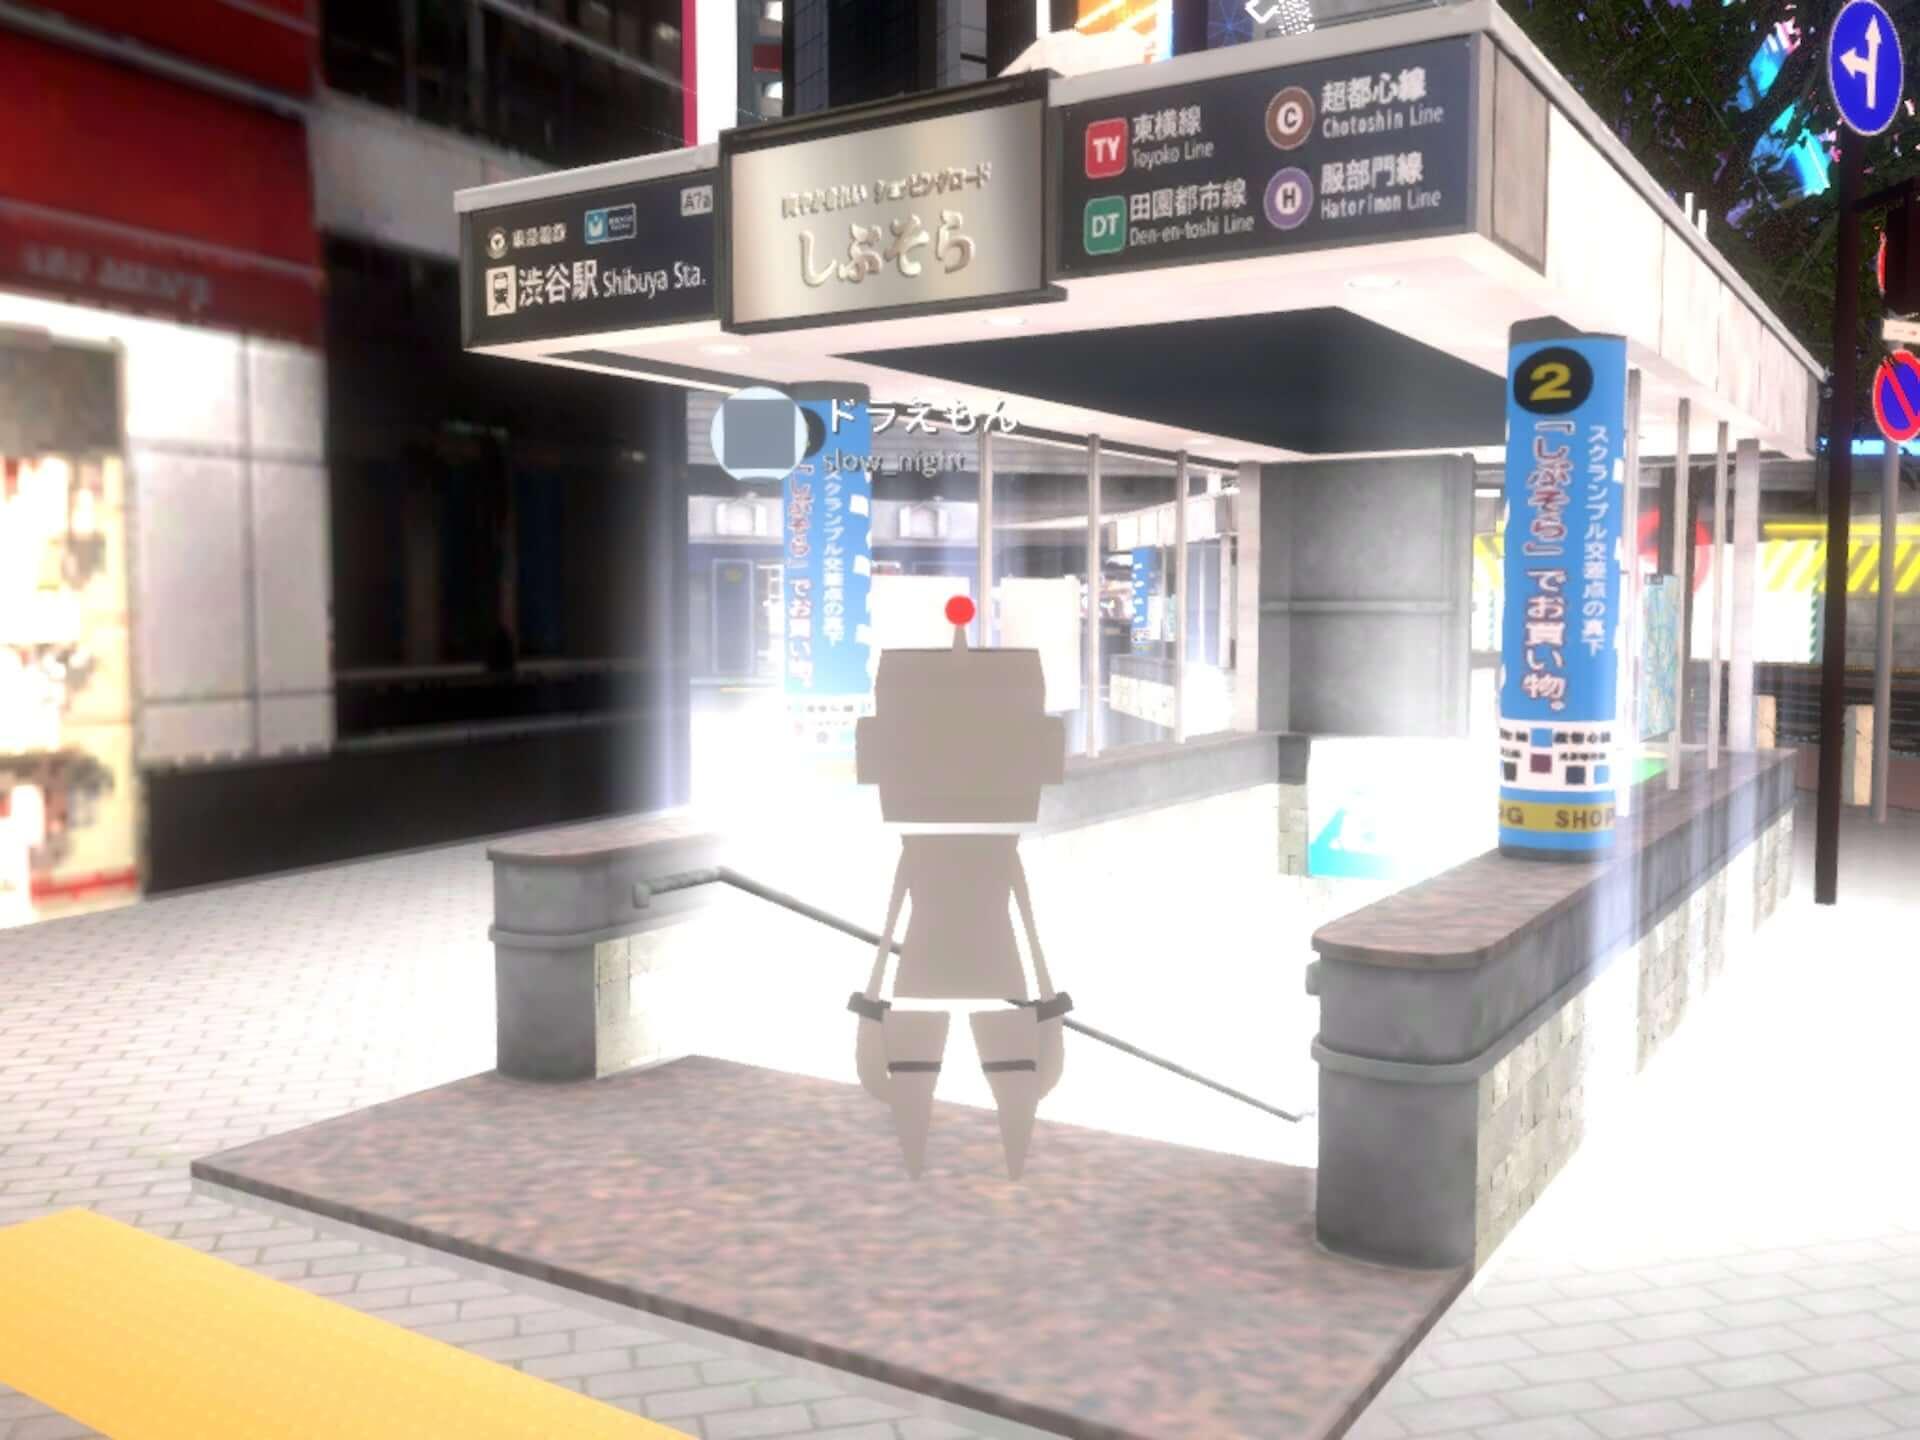 バーチャル渋谷にライブハウスが誕生!ザ・チャレンジ、Wez Atlas、sooogood!ら100組が出演するライブイベントが開催決定 music210326_virtualshibuya_4-1920x1440